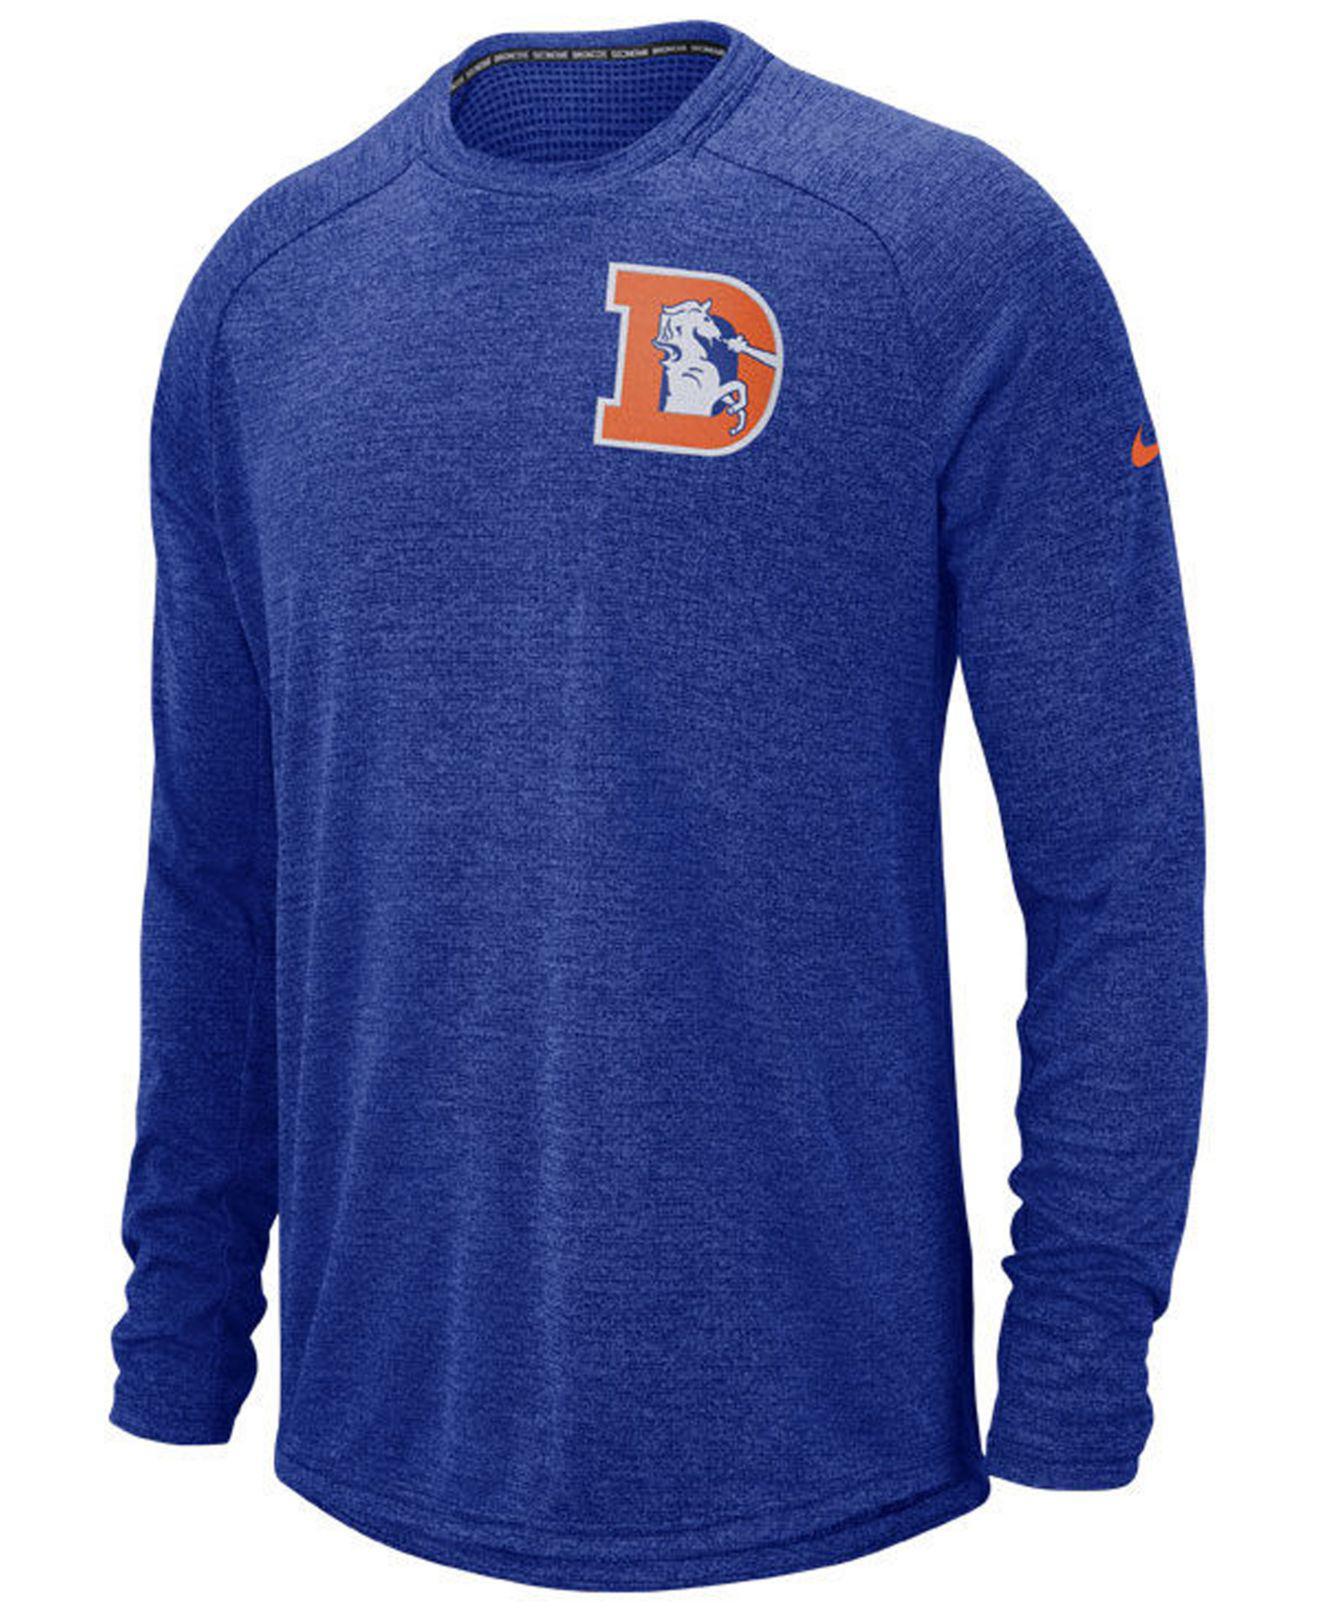 Lyst - Nike Denver Broncos Stadium Long Sleeve T-shirt in Blue for Men 0253ace89